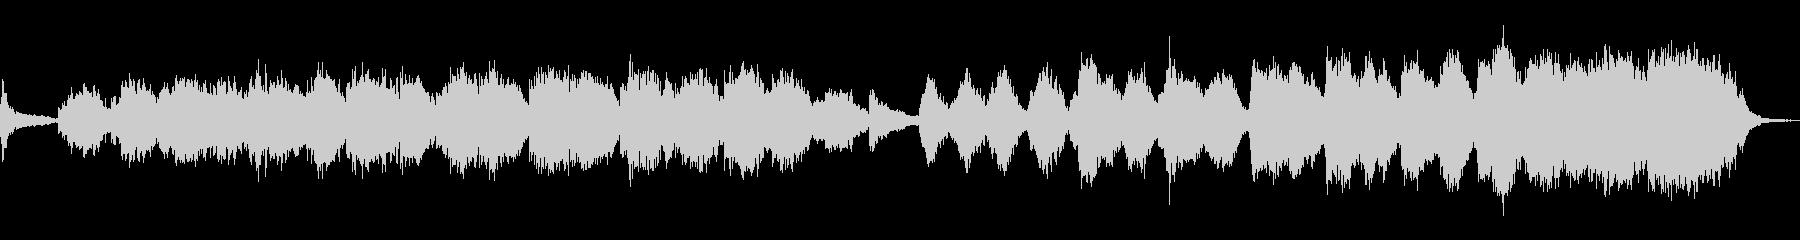 ダークでアダルトな曲の未再生の波形